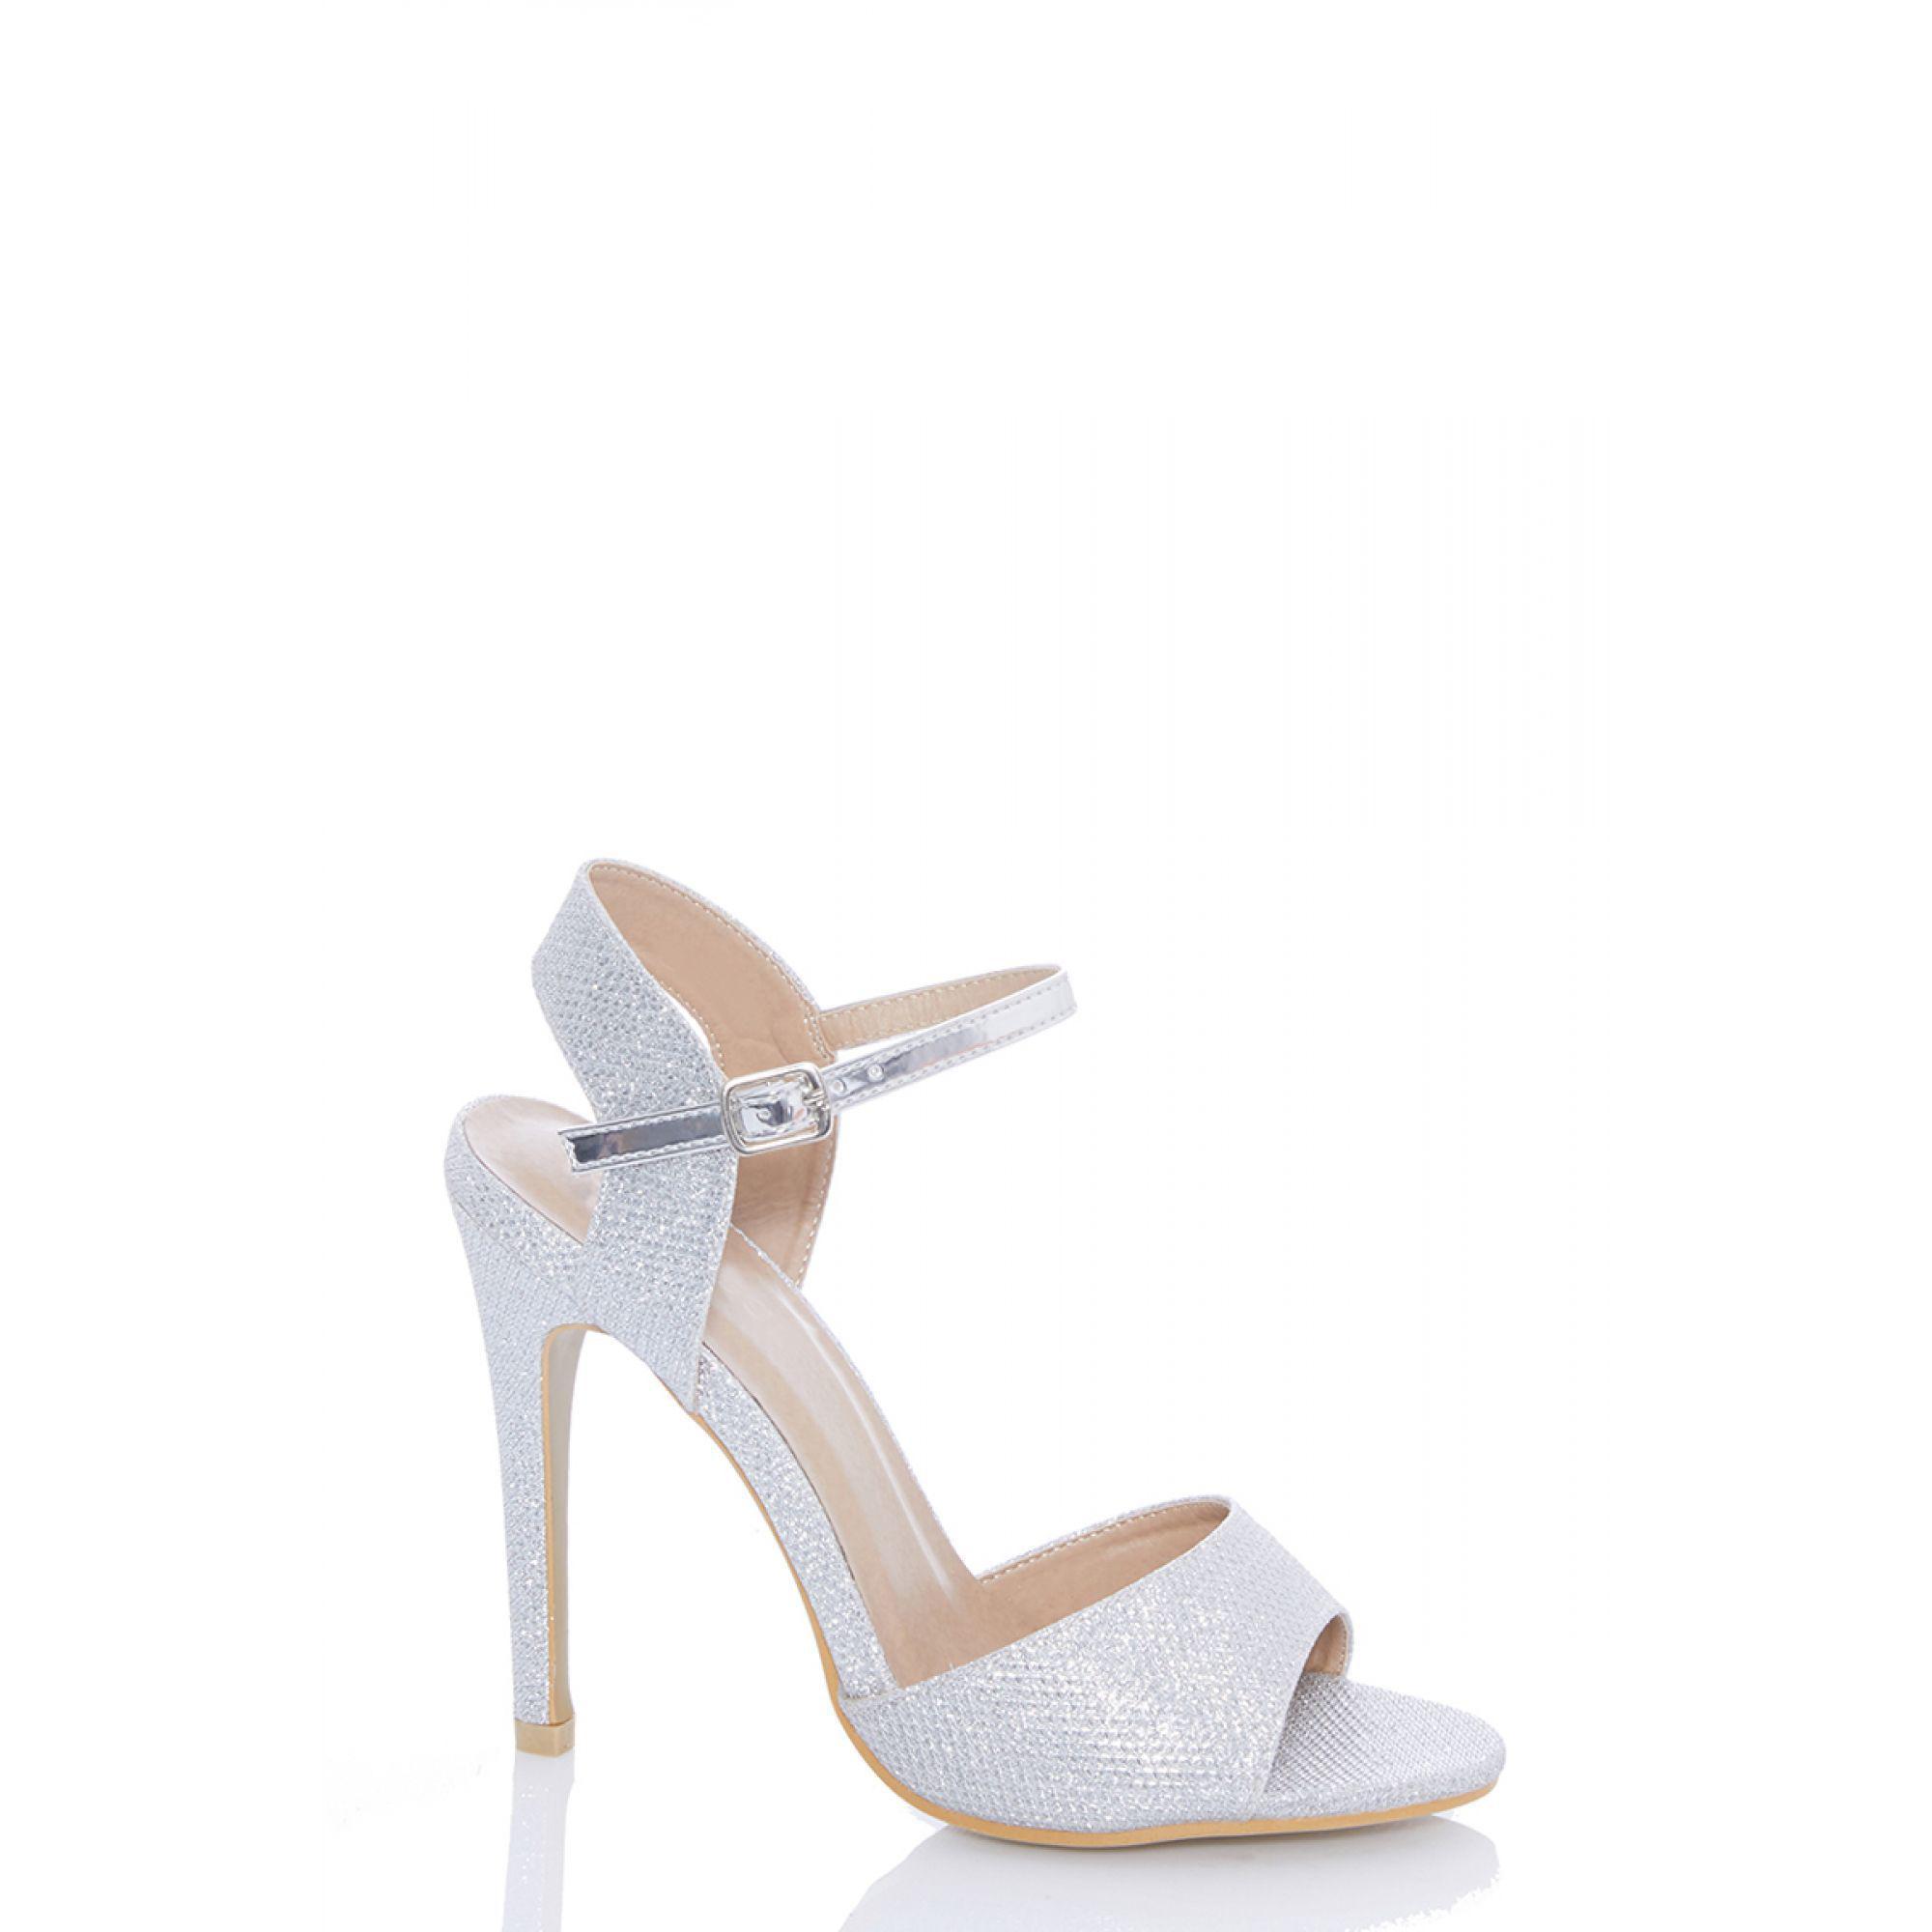 64d4424e936 Quiz Silver Shimmer Stiletto Heel Sandals in Metallic - Lyst